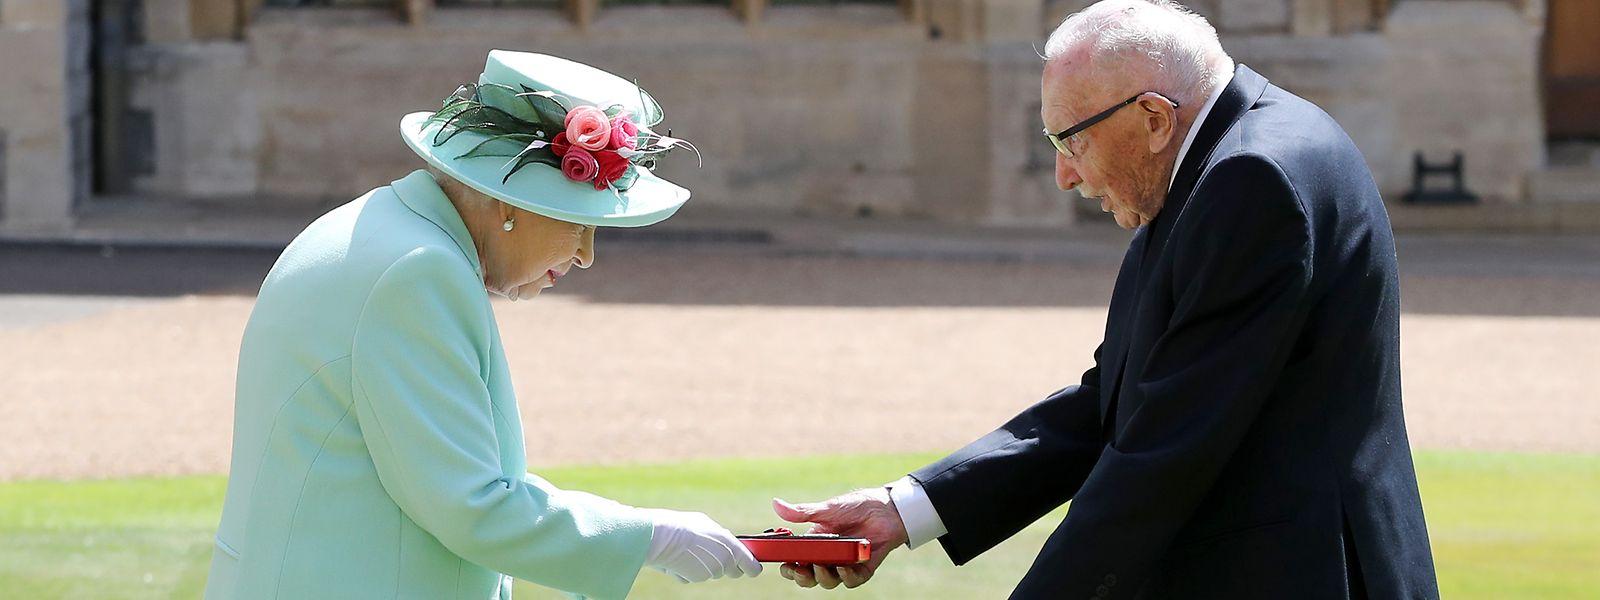 Königin Elizabeth II. beim Überreichen der Insignien.